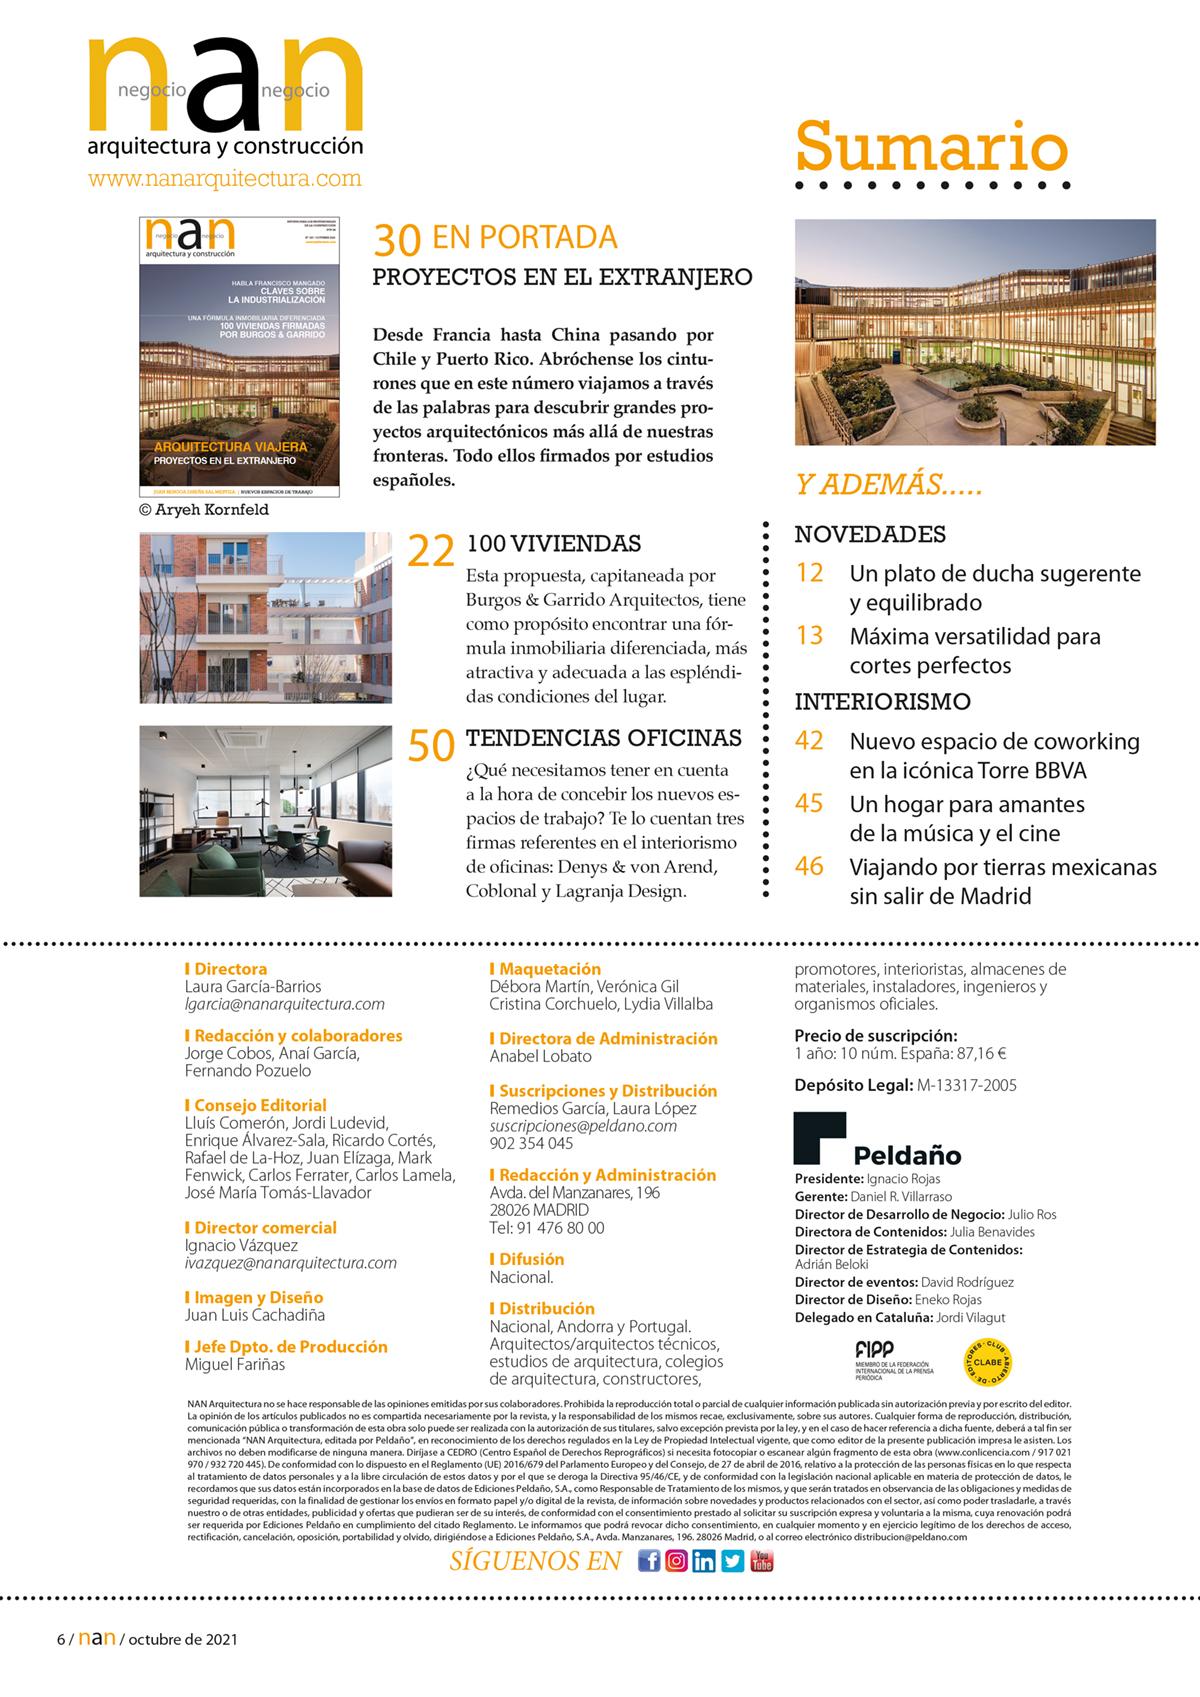 NAN Arquitectura y Construcción Nº 167